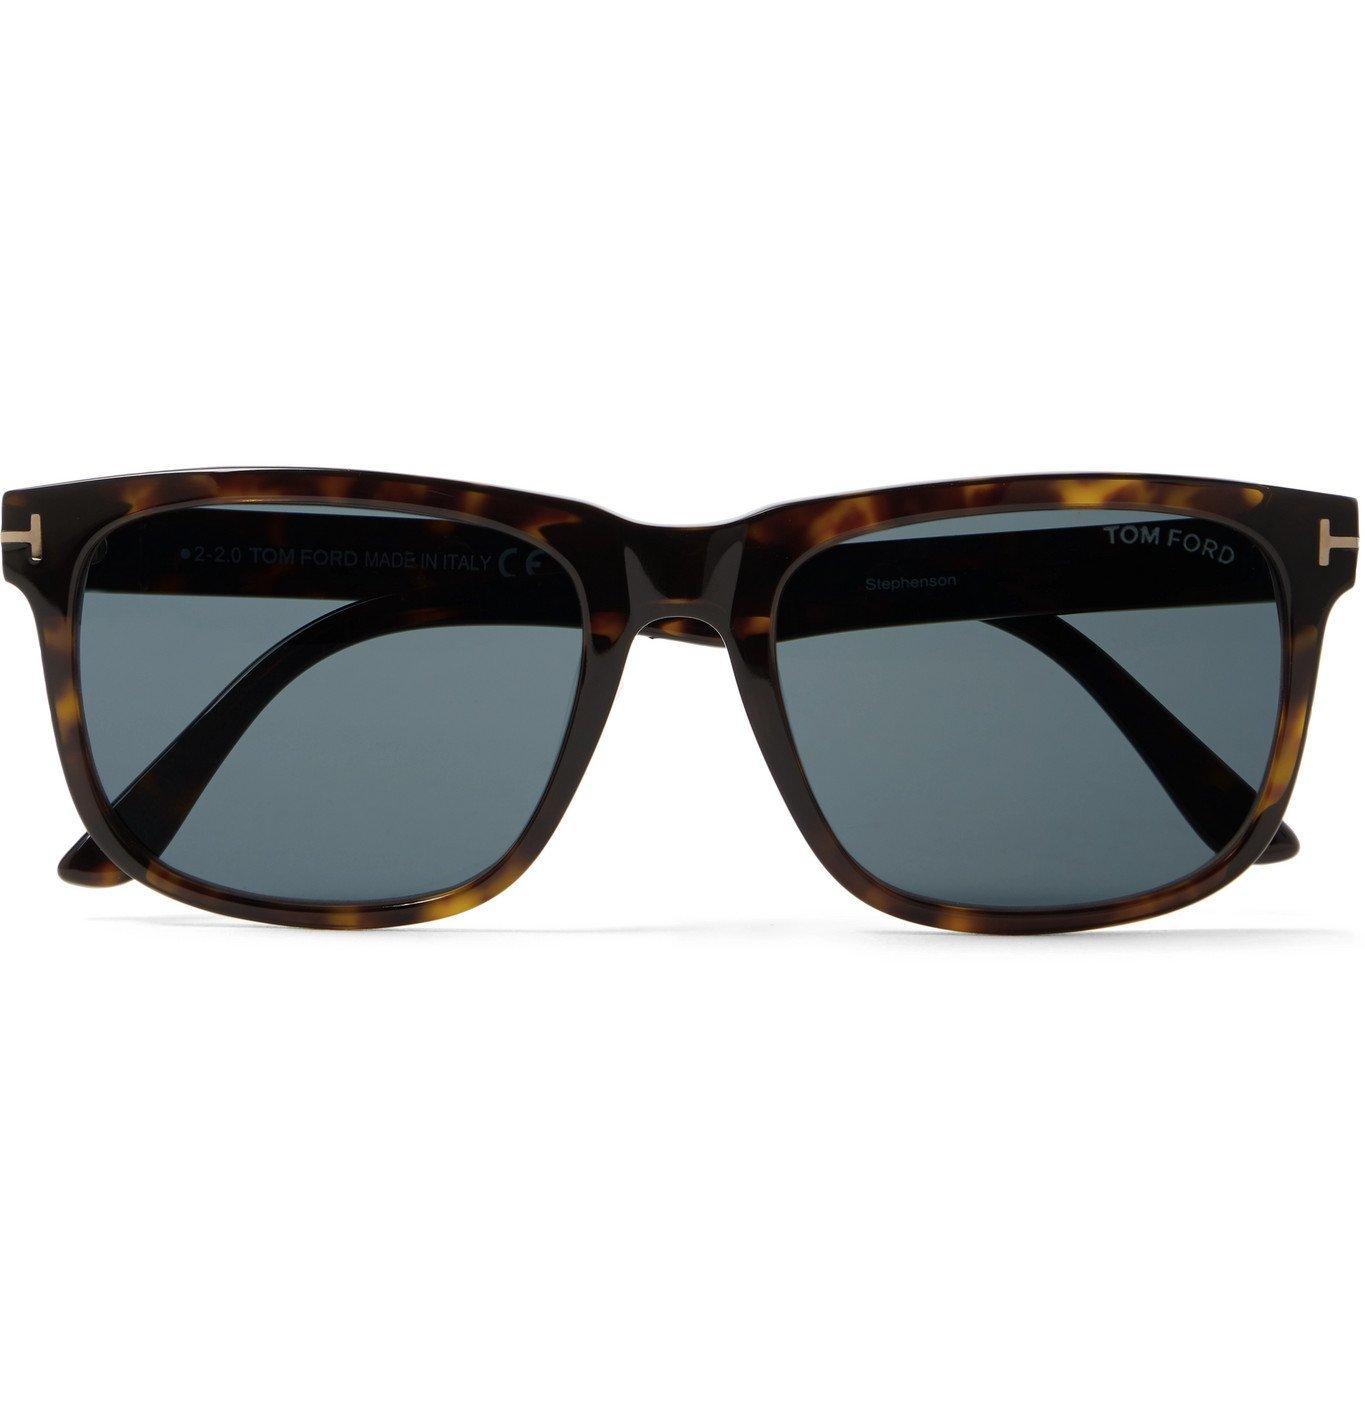 Photo: TOM FORD - Square-Frame Tortoiseshell Acetate Sunglasses - Tortoiseshell